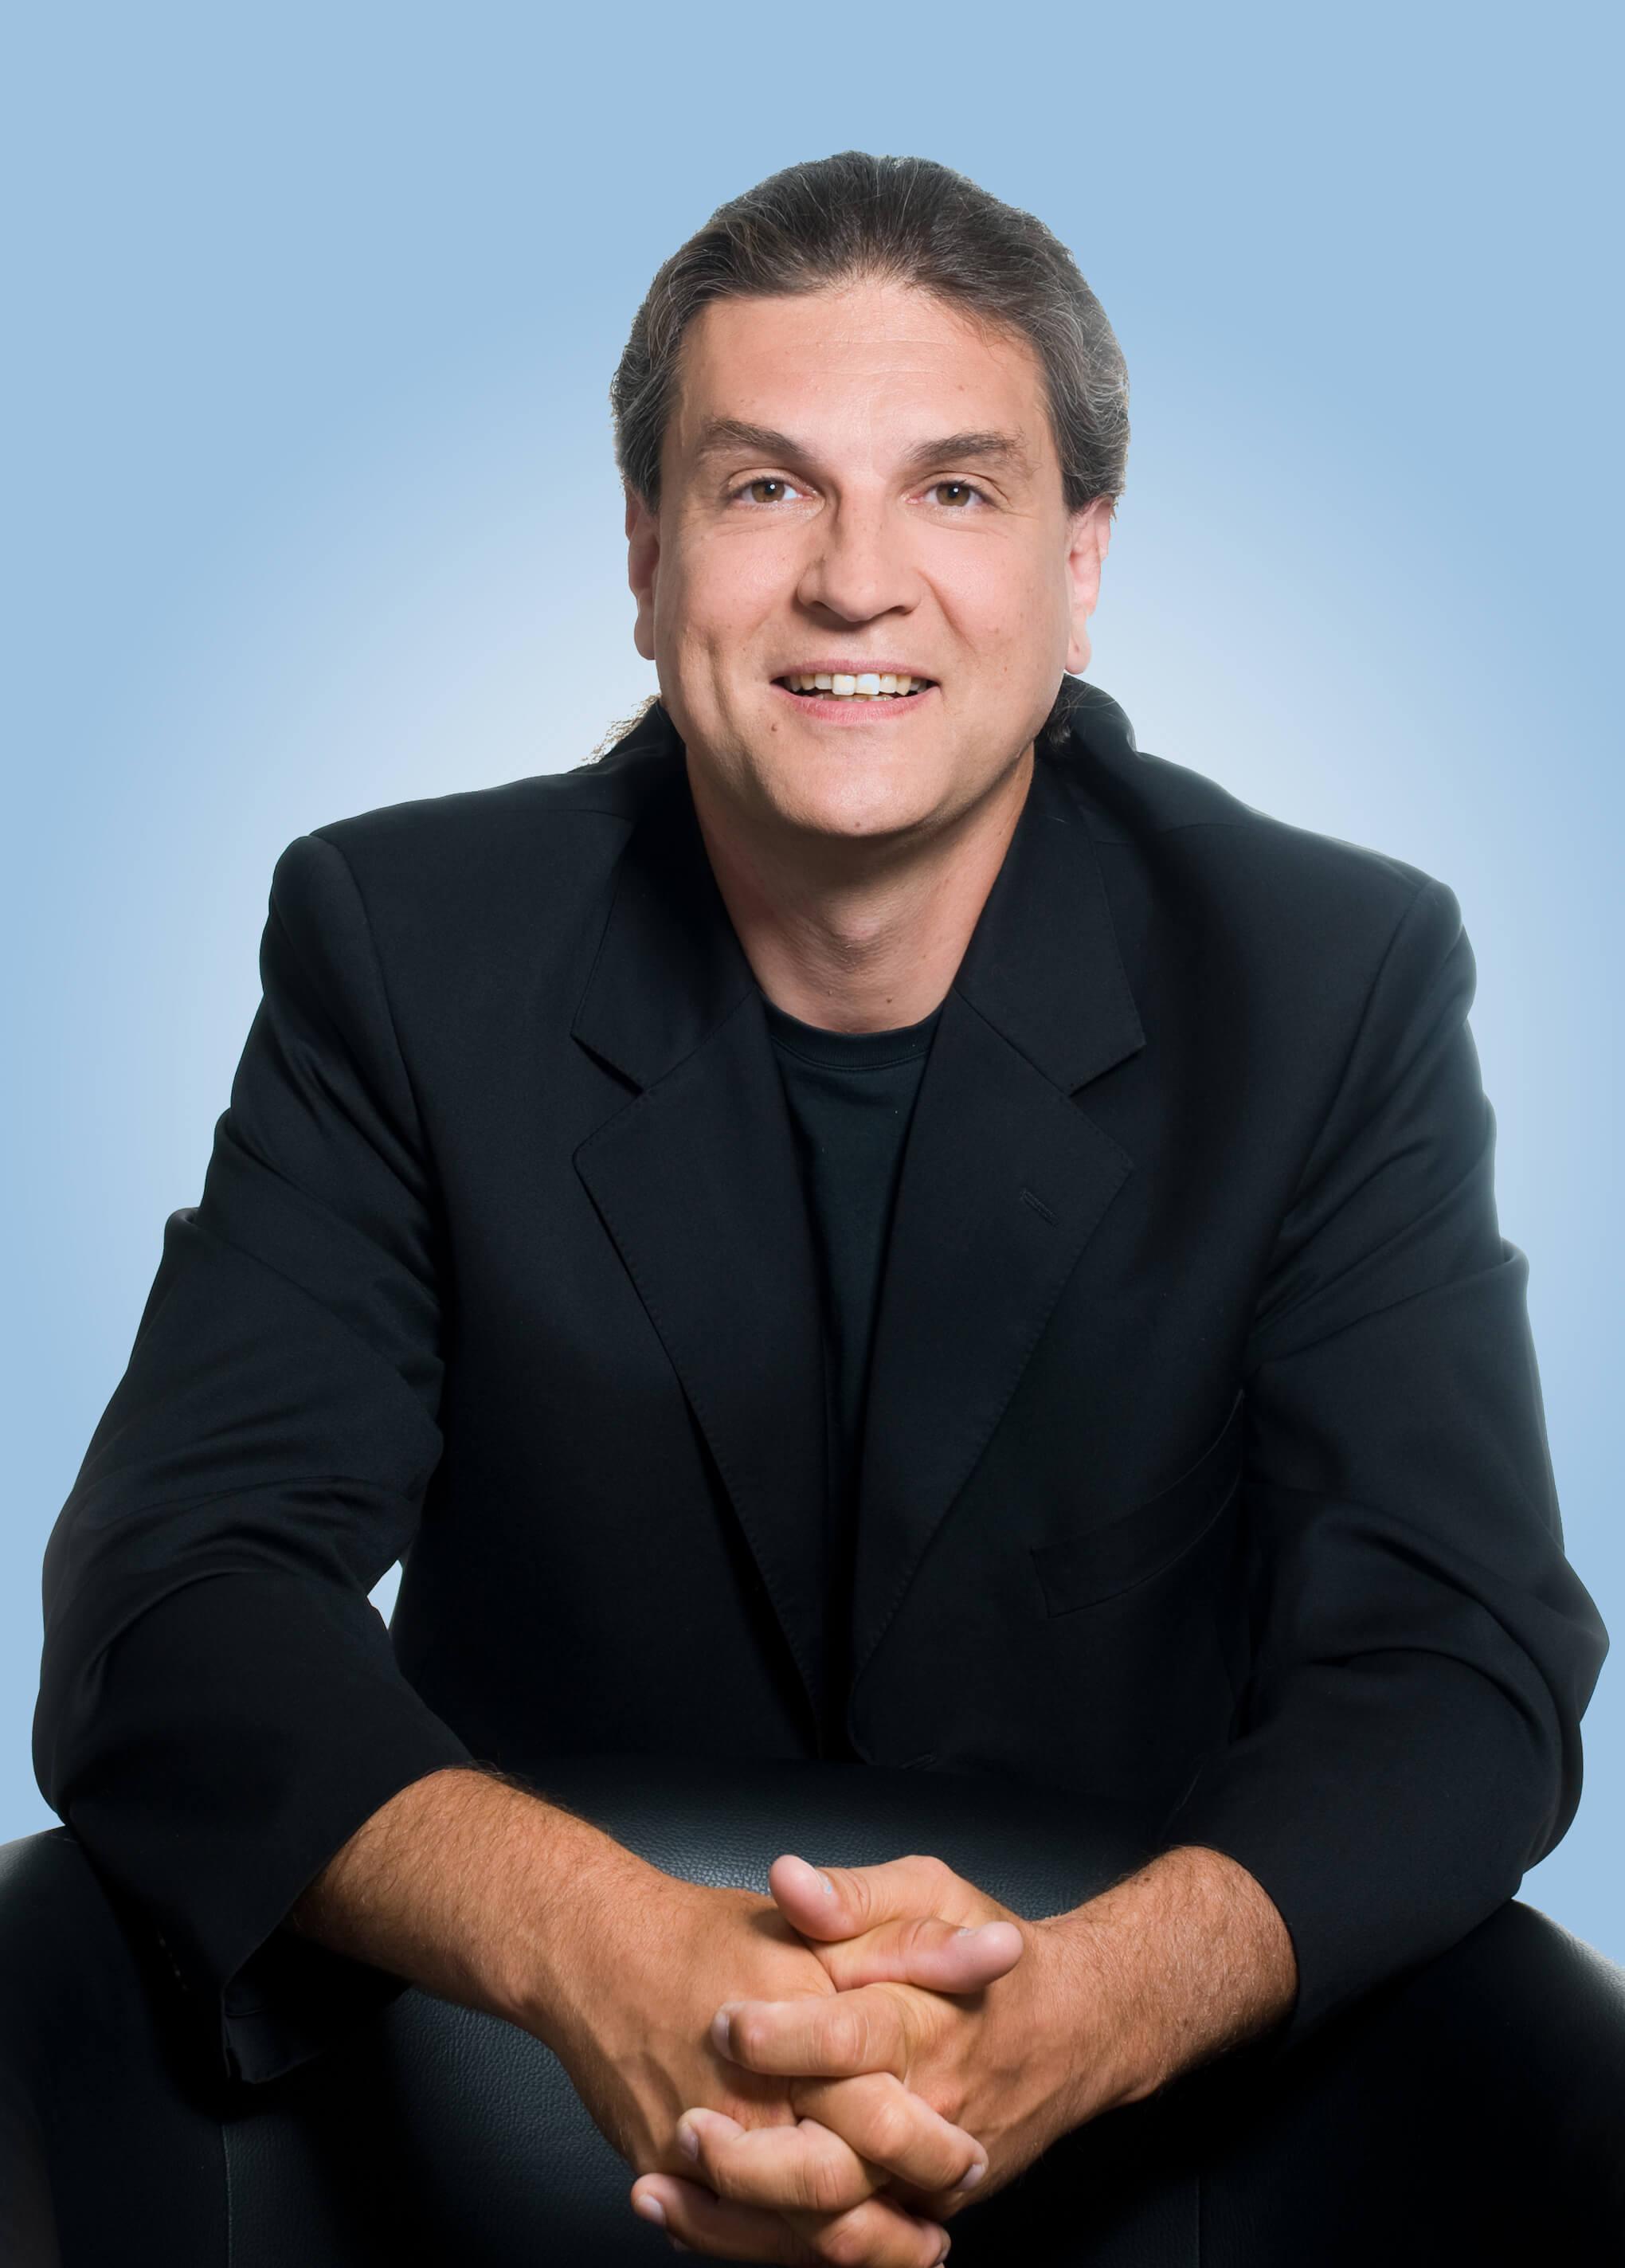 Abb. Arthur Končar, CEO, sitzend